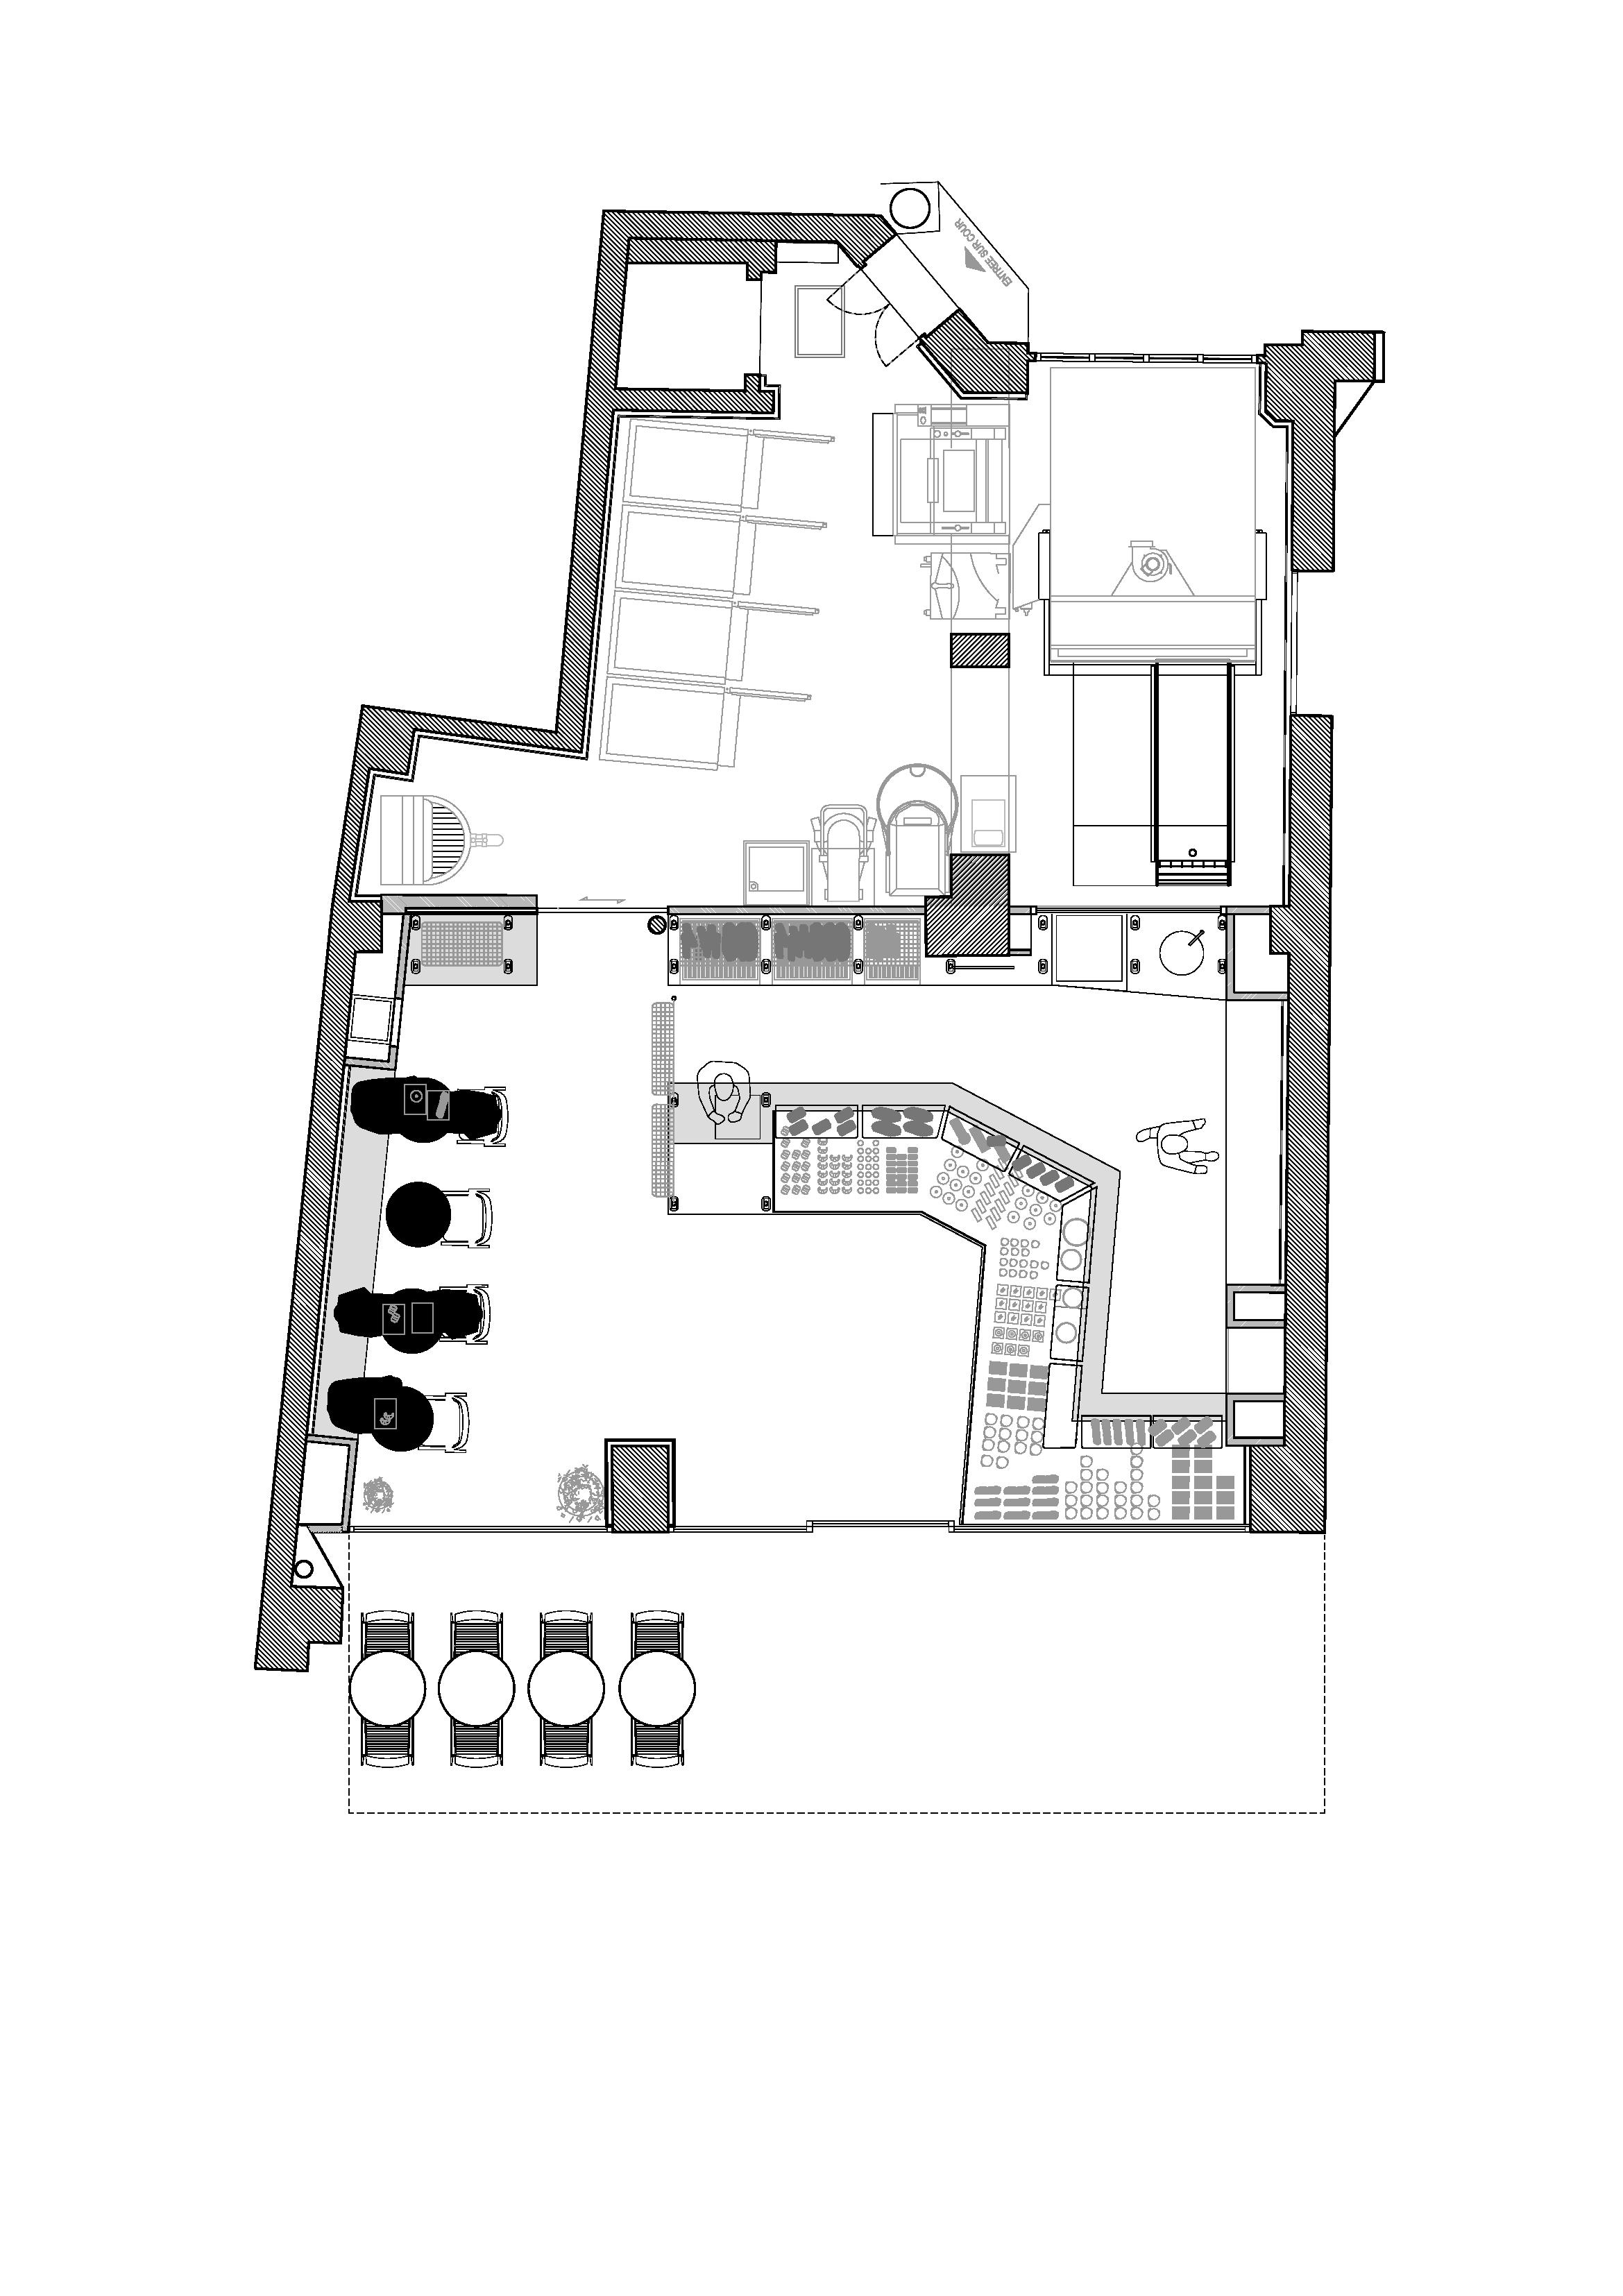 124_Thierry Meunier rue de la chapelle_Publication_Plan.png